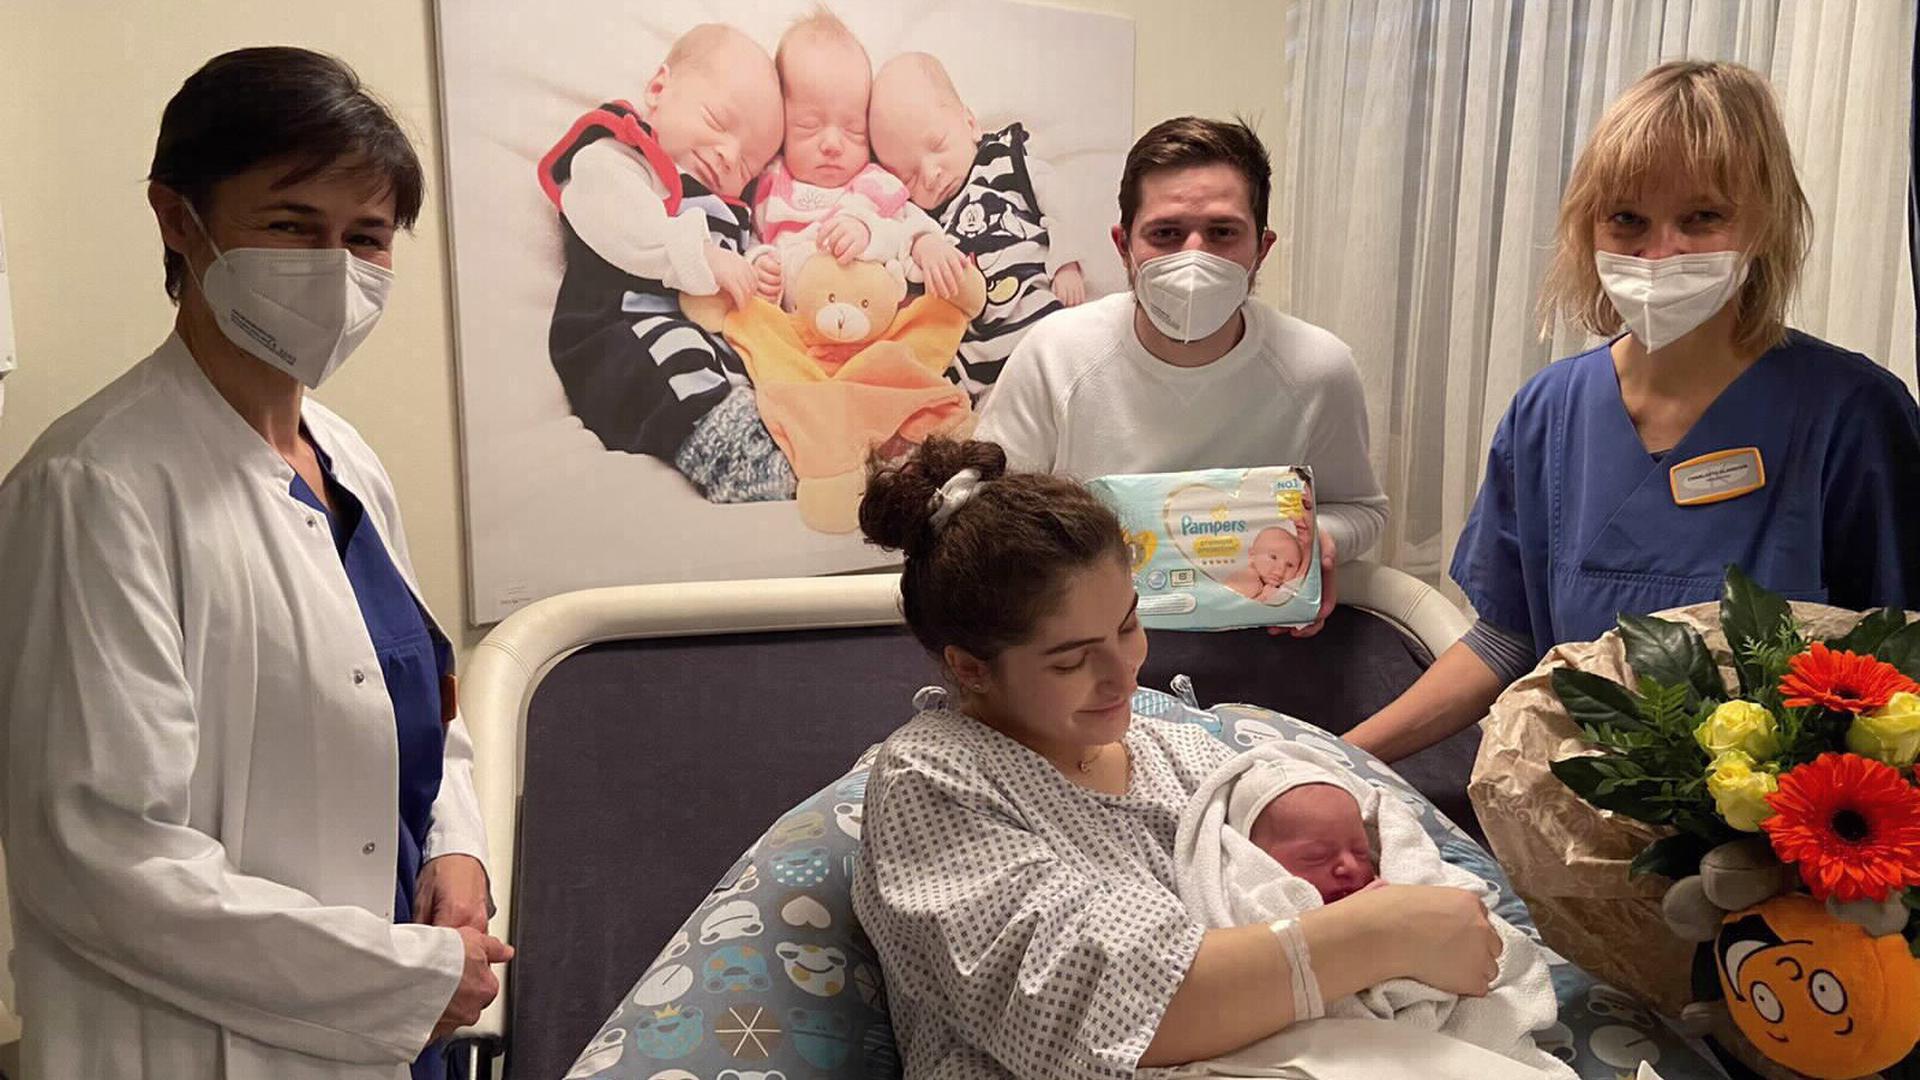 Troi heißt das erste Baby an Heiligabend 2020 im Klinikum Mittelbaden in Baden-Baden-Balg. Ärztin Alexandra Hebestreit (links) freut sich mit den glücklichen Eltern  Albina Kabashi Hoti und Smajl Hoti sowie Hebamme Charlotte Glandien (rechts).